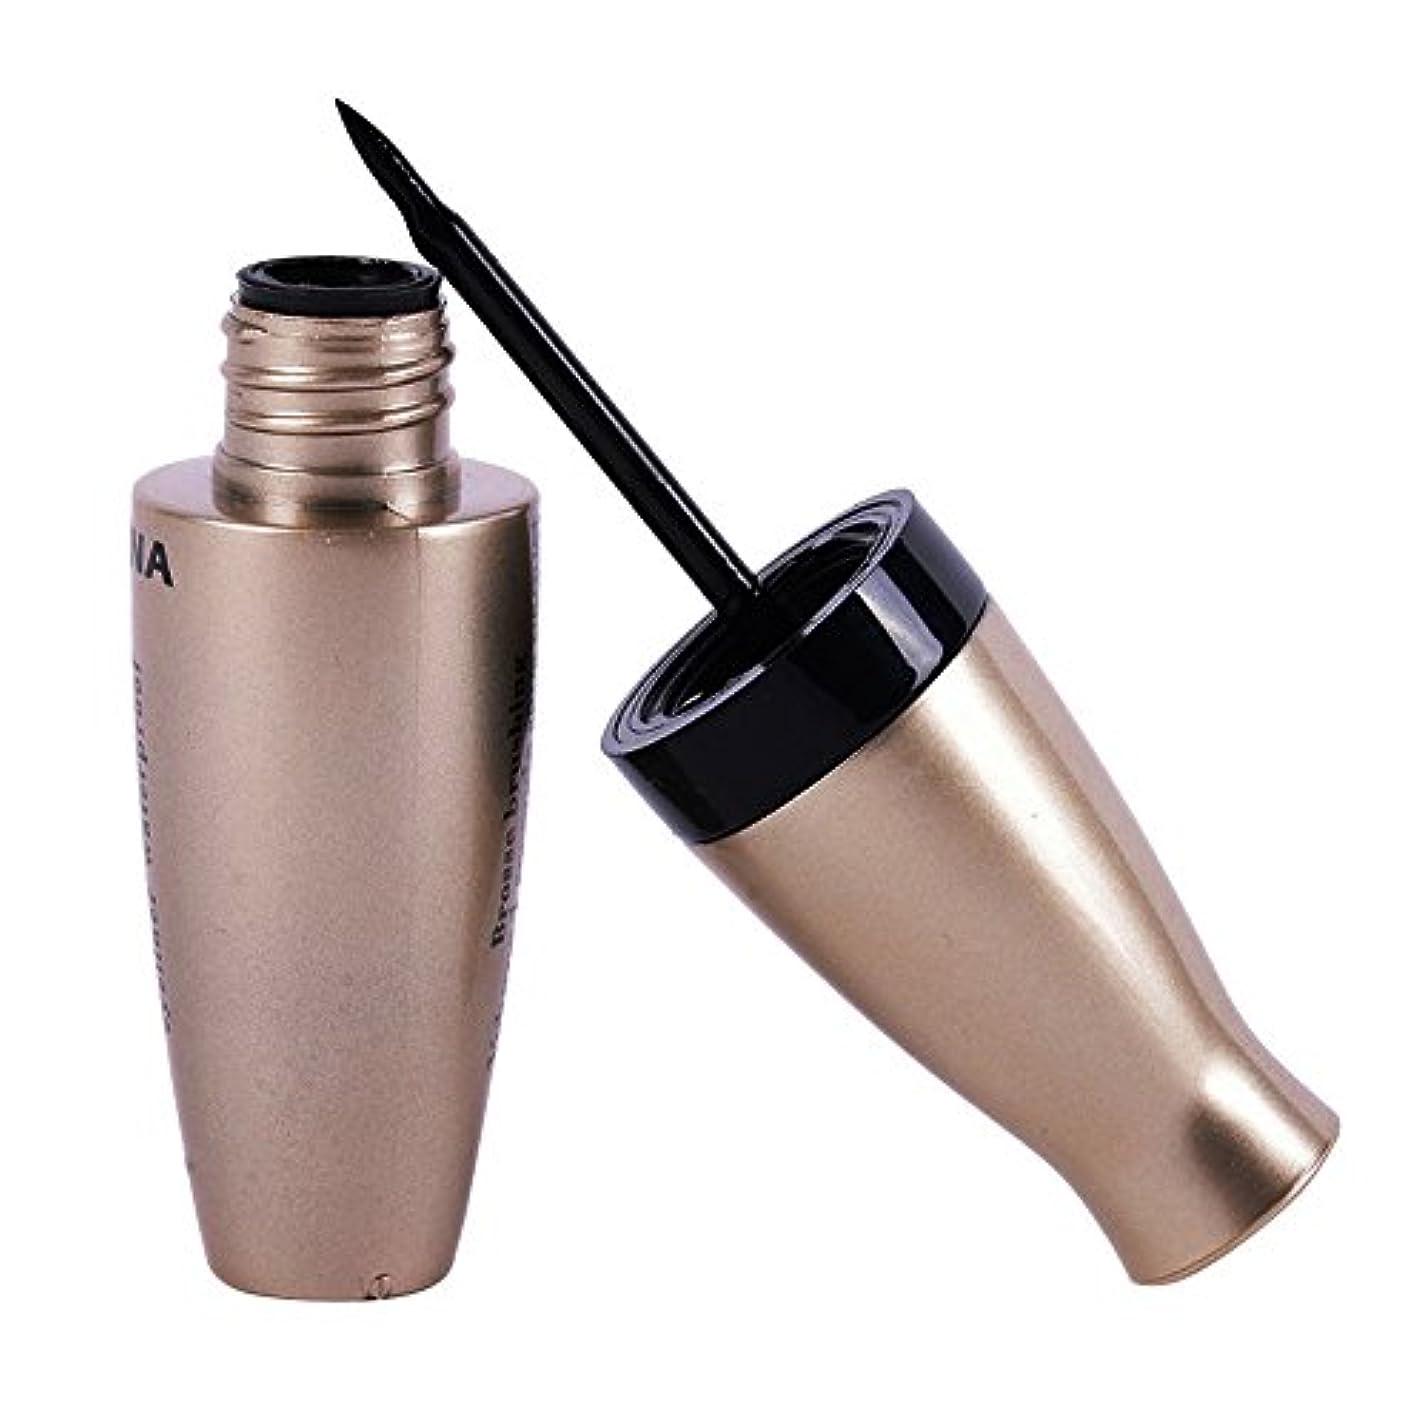 浮浪者ハンマー引っ張る新しいアイライナー防水リキッドアイライナーペンシルペンメイクアップ美容化粧品